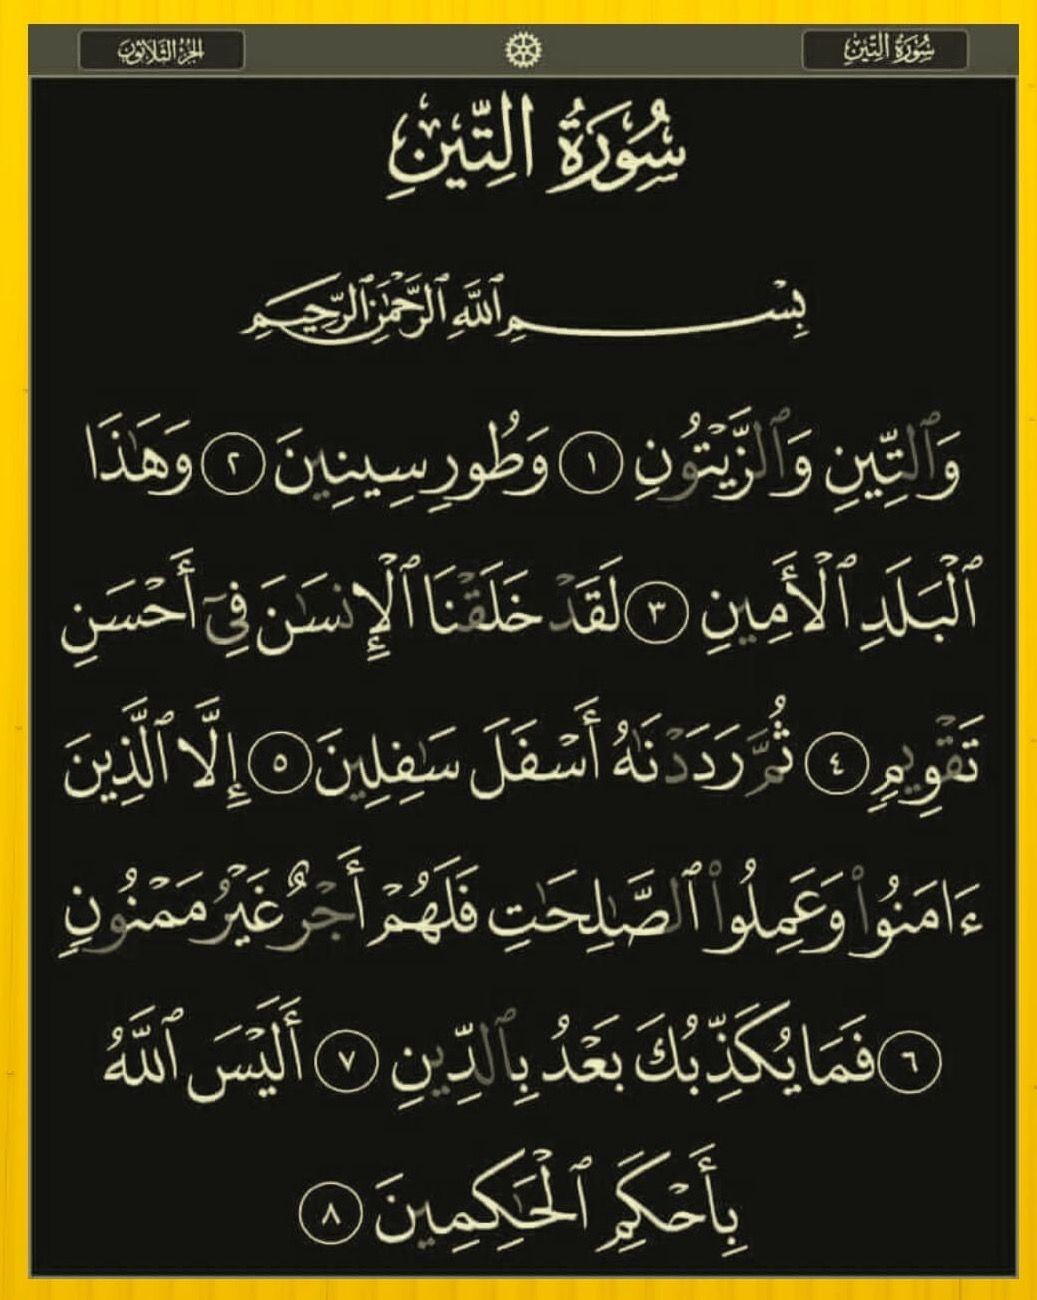 سورة التين Arabic Calligraphy Oia Calligraphy